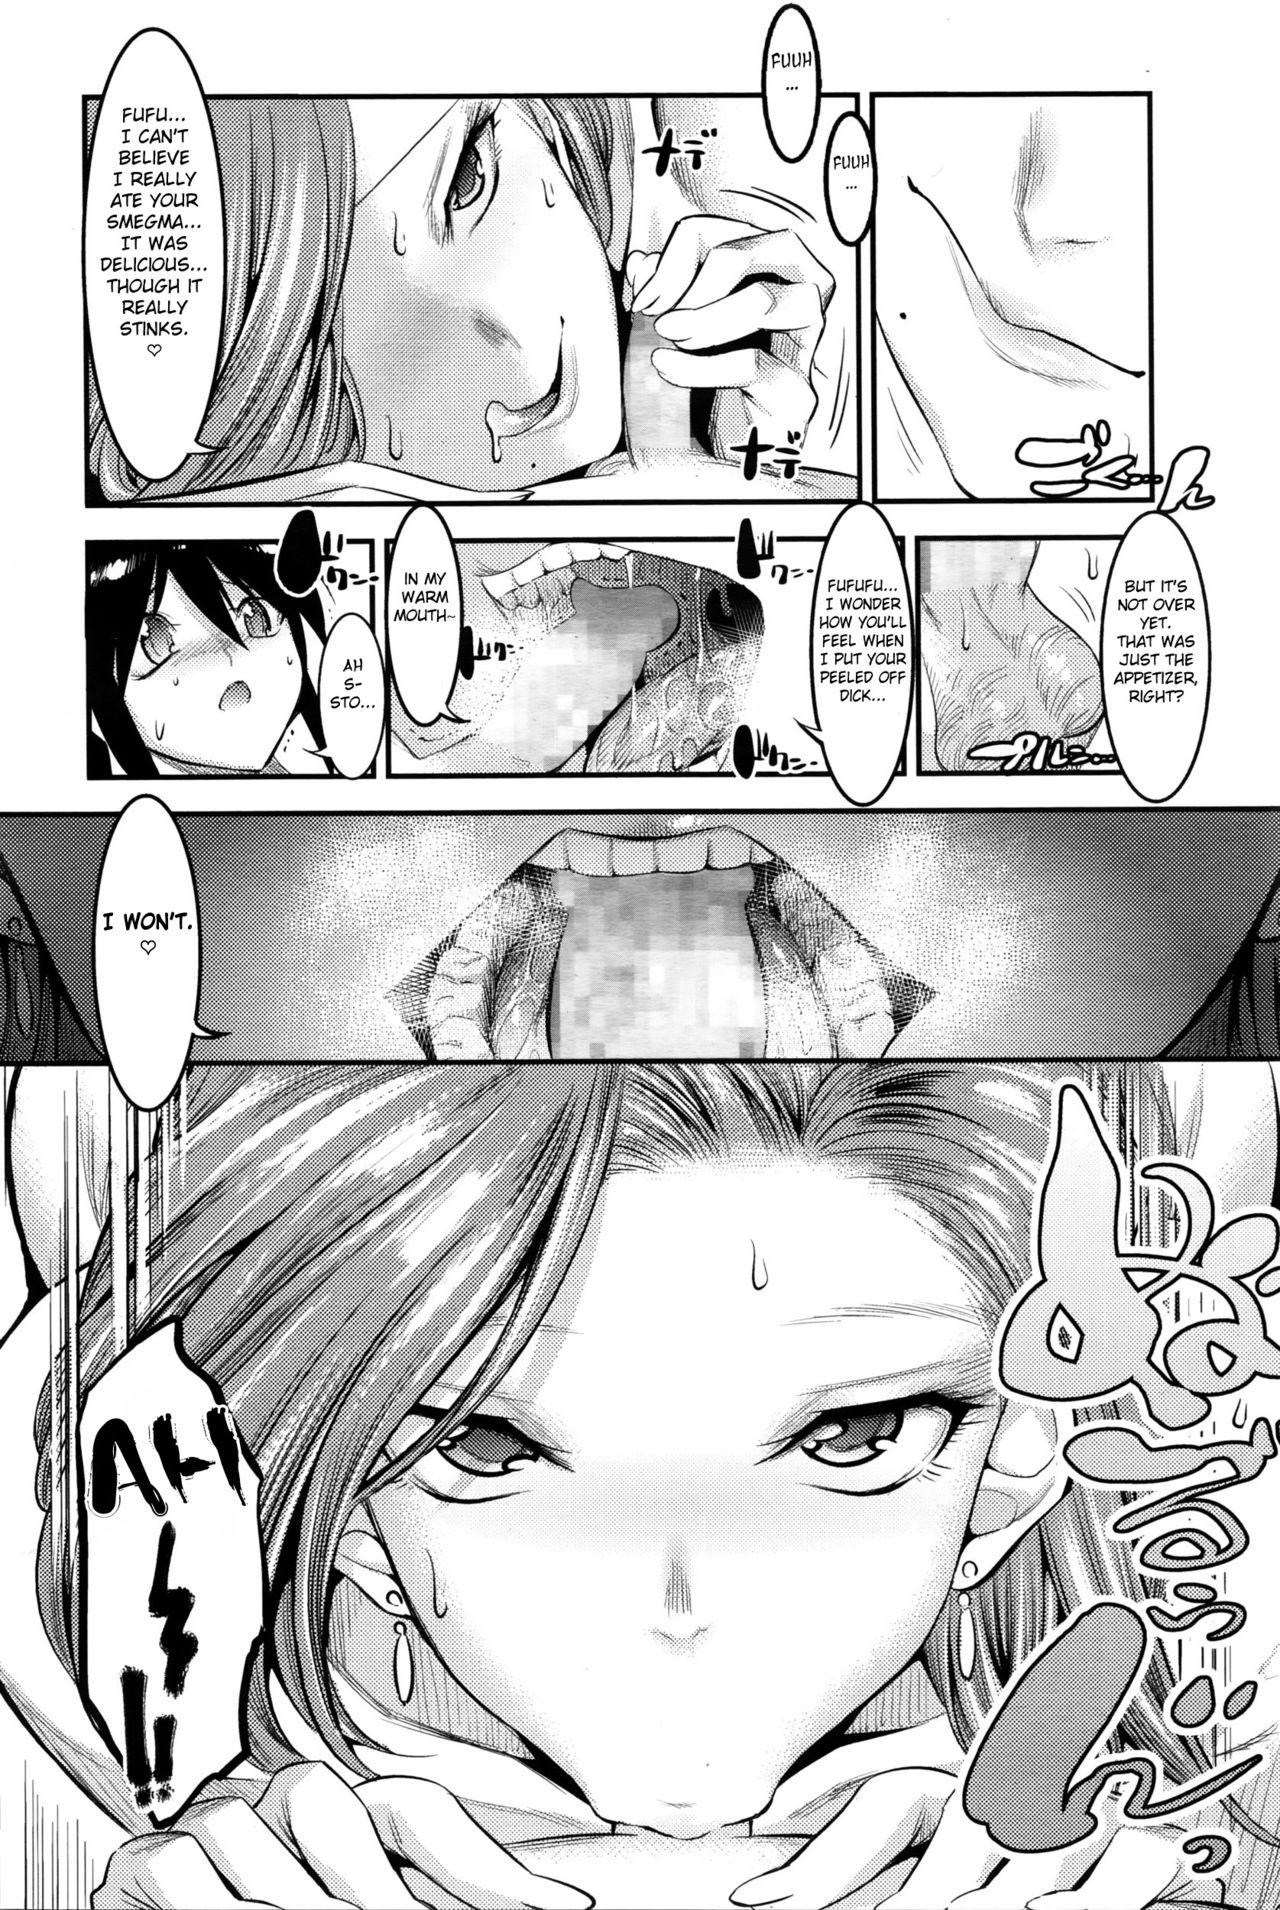 Hontou wa Kowai Tomodachi no Okaa-san | Really Scary Friends' Mothers 7